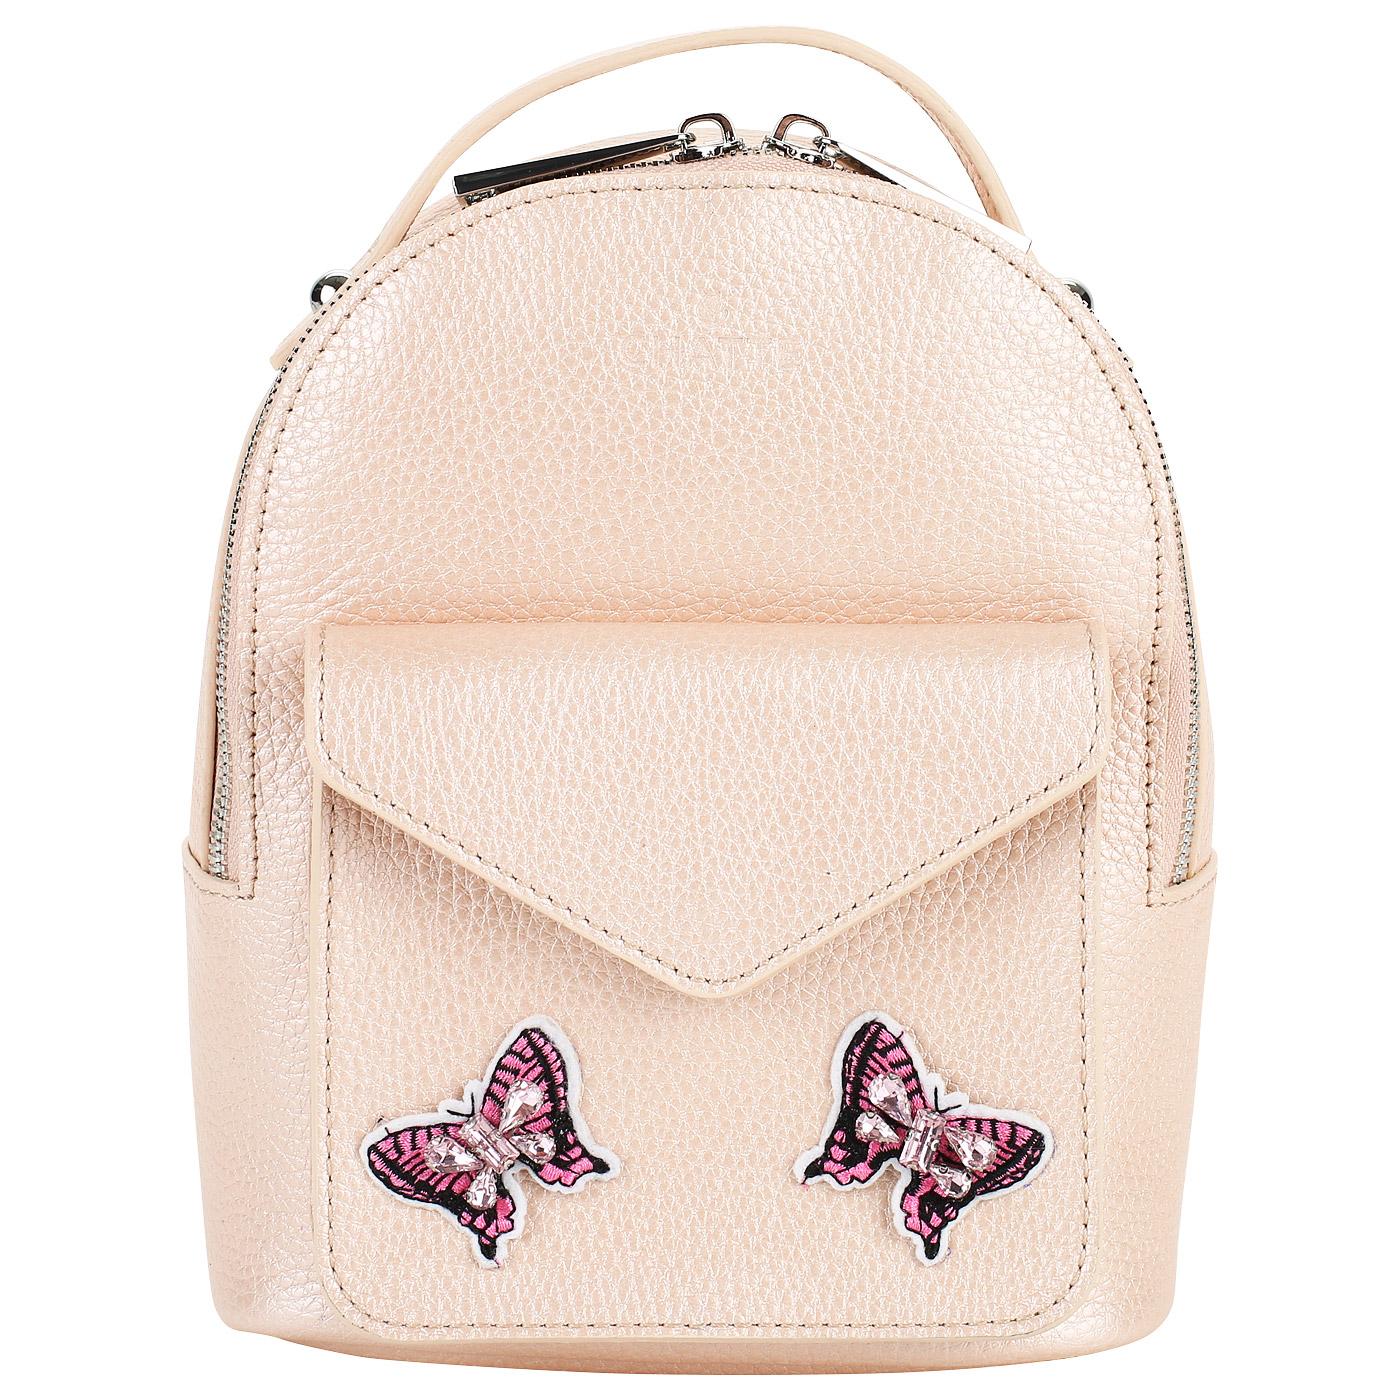 Маленький кожаный рюкзак с аппликацией Chatte Маленький кожаный рюкзак с  аппликацией Chatte ... 7b4e9a45329